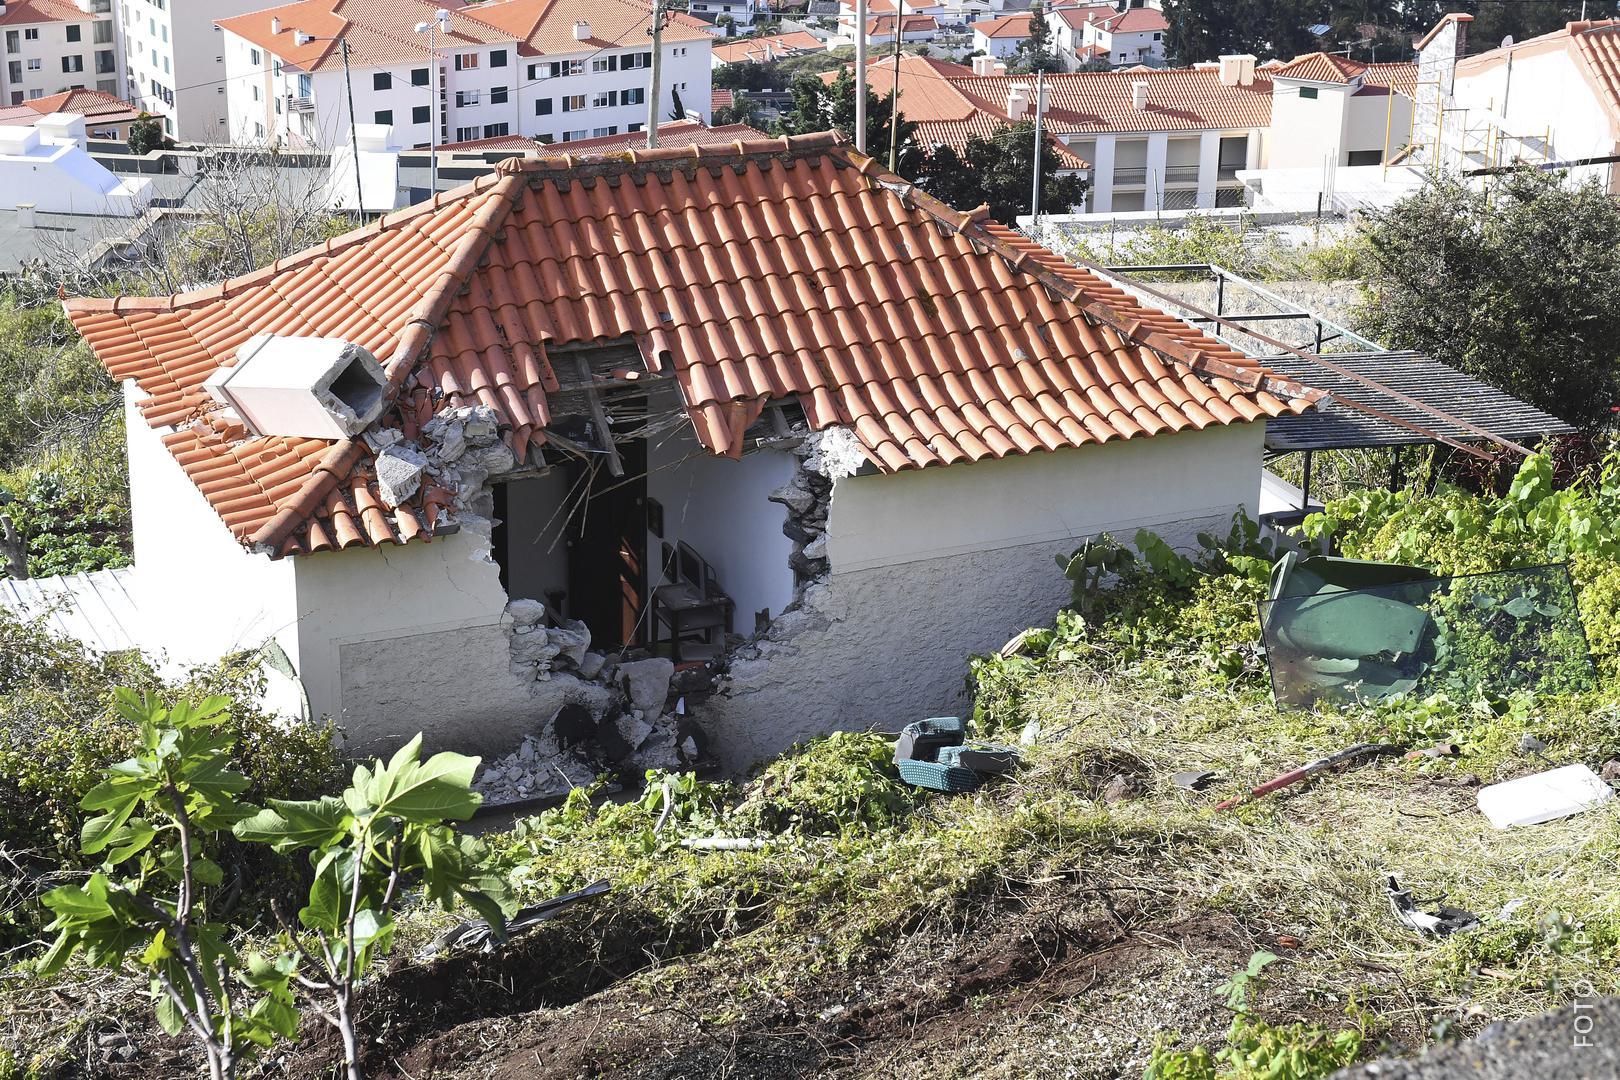 Das Haus, in das der Reisebus gekracht ist, hat ein riesiges Loch in der Wand